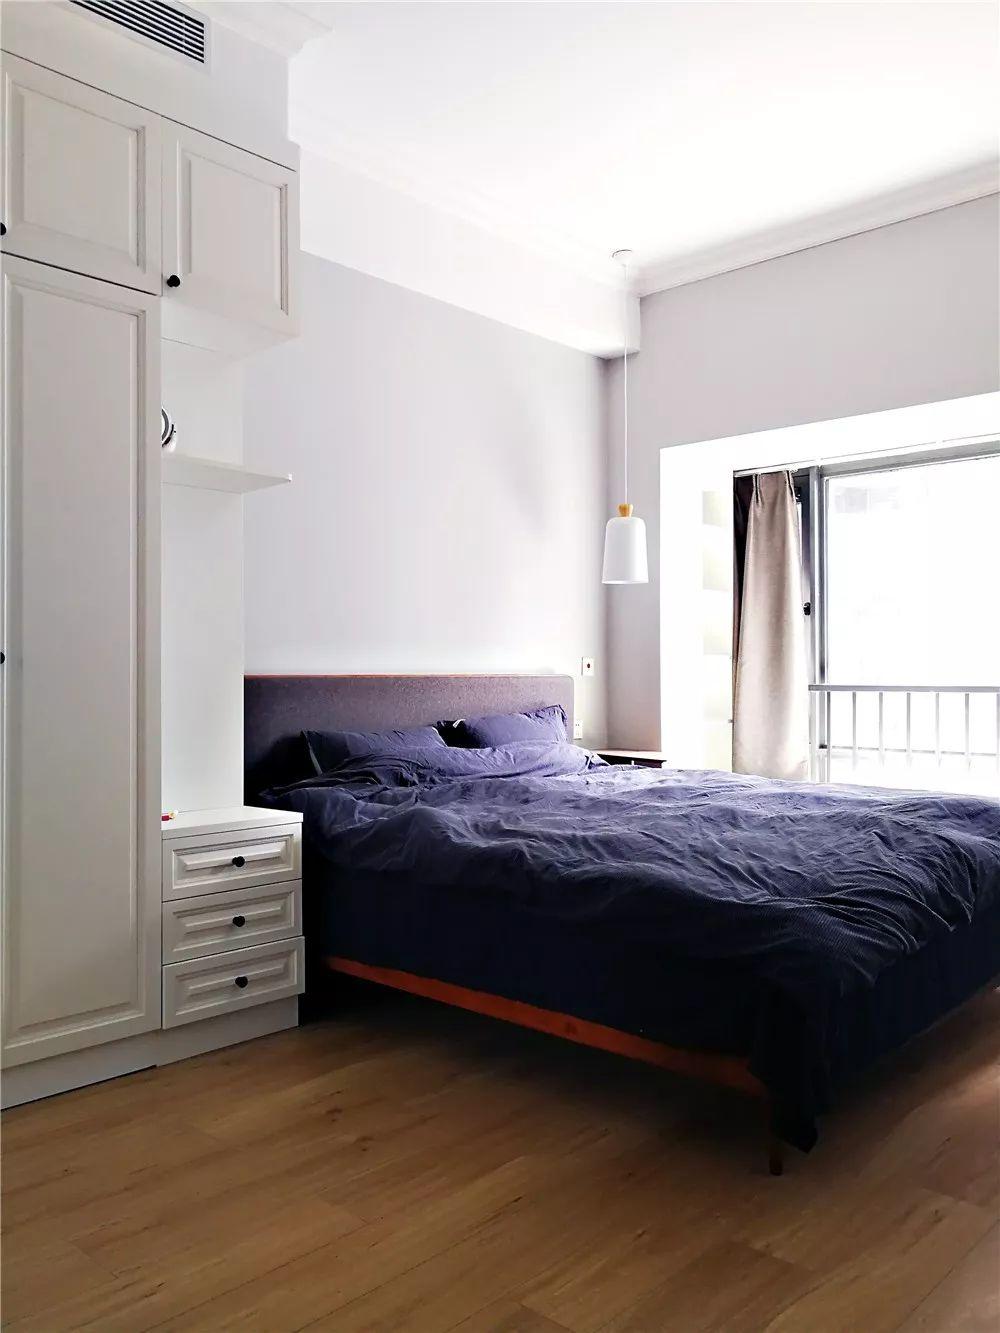 主卧一进门便是顶天立地的衣柜,将临近床头一边做成床头柜,可置物,且减少压迫感。